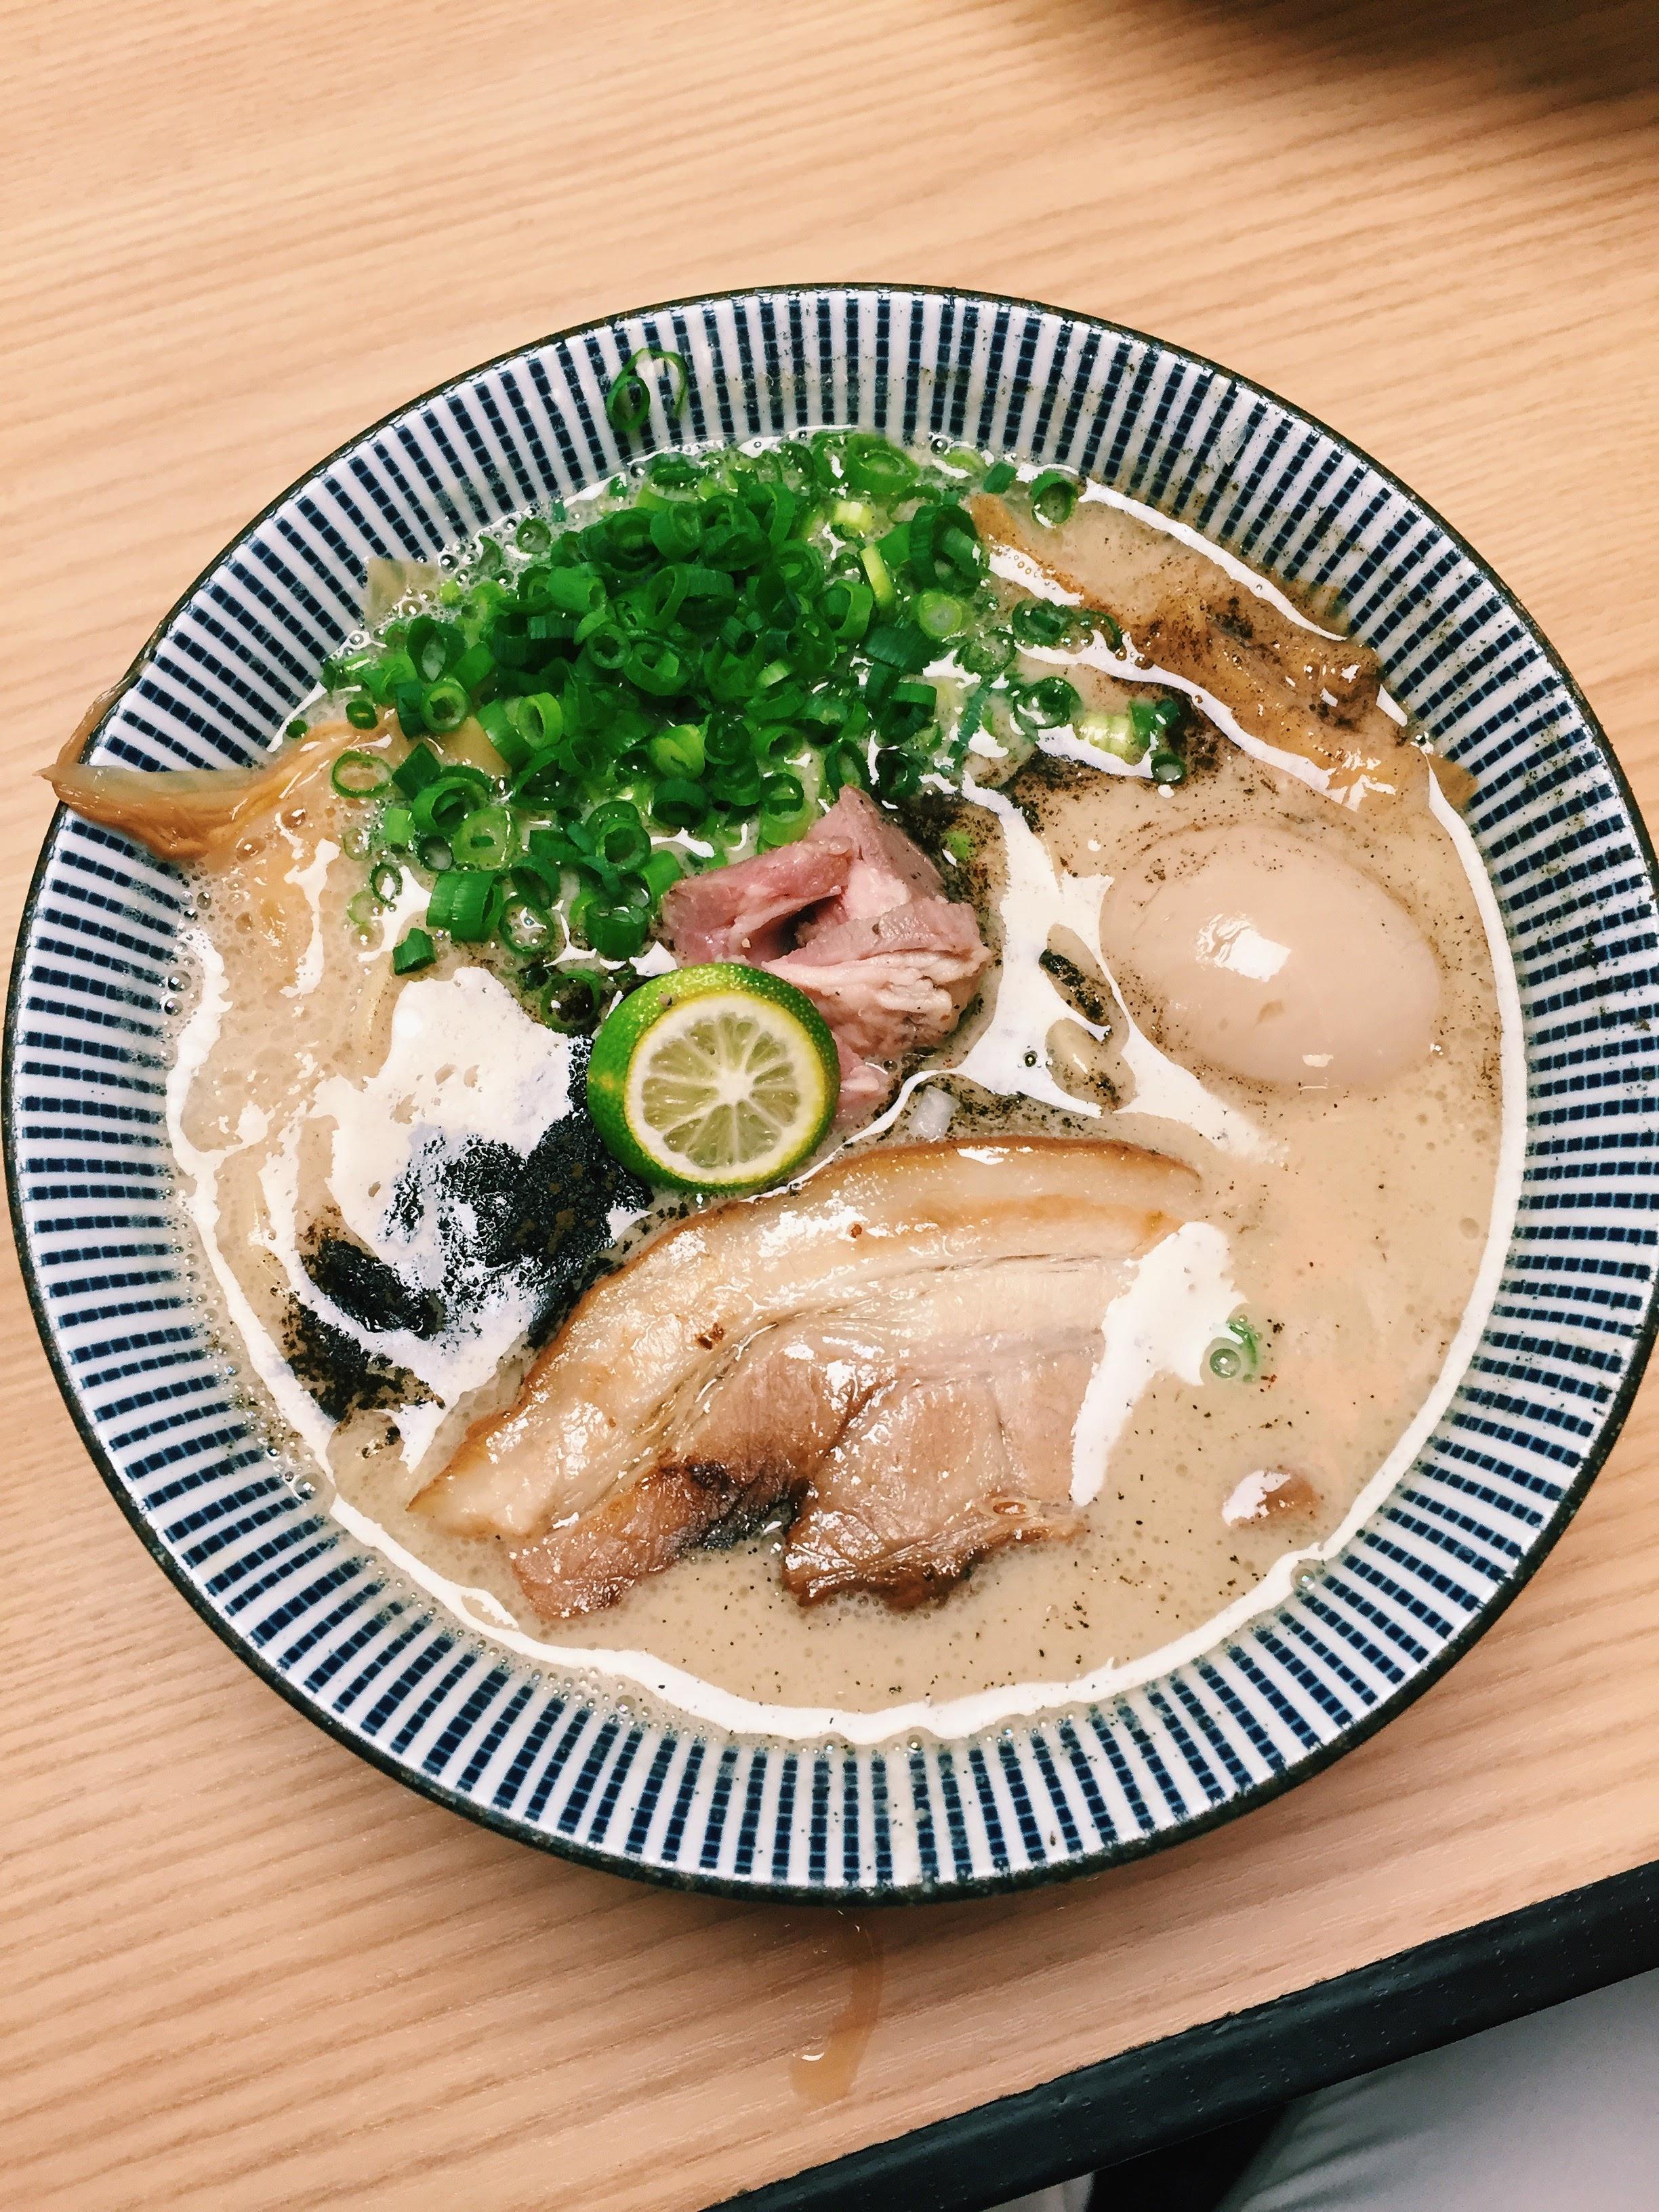 ラム豚骨らーめん - Mensho Tokyo - Tokyo, Japan (Bunkyo-ku location)